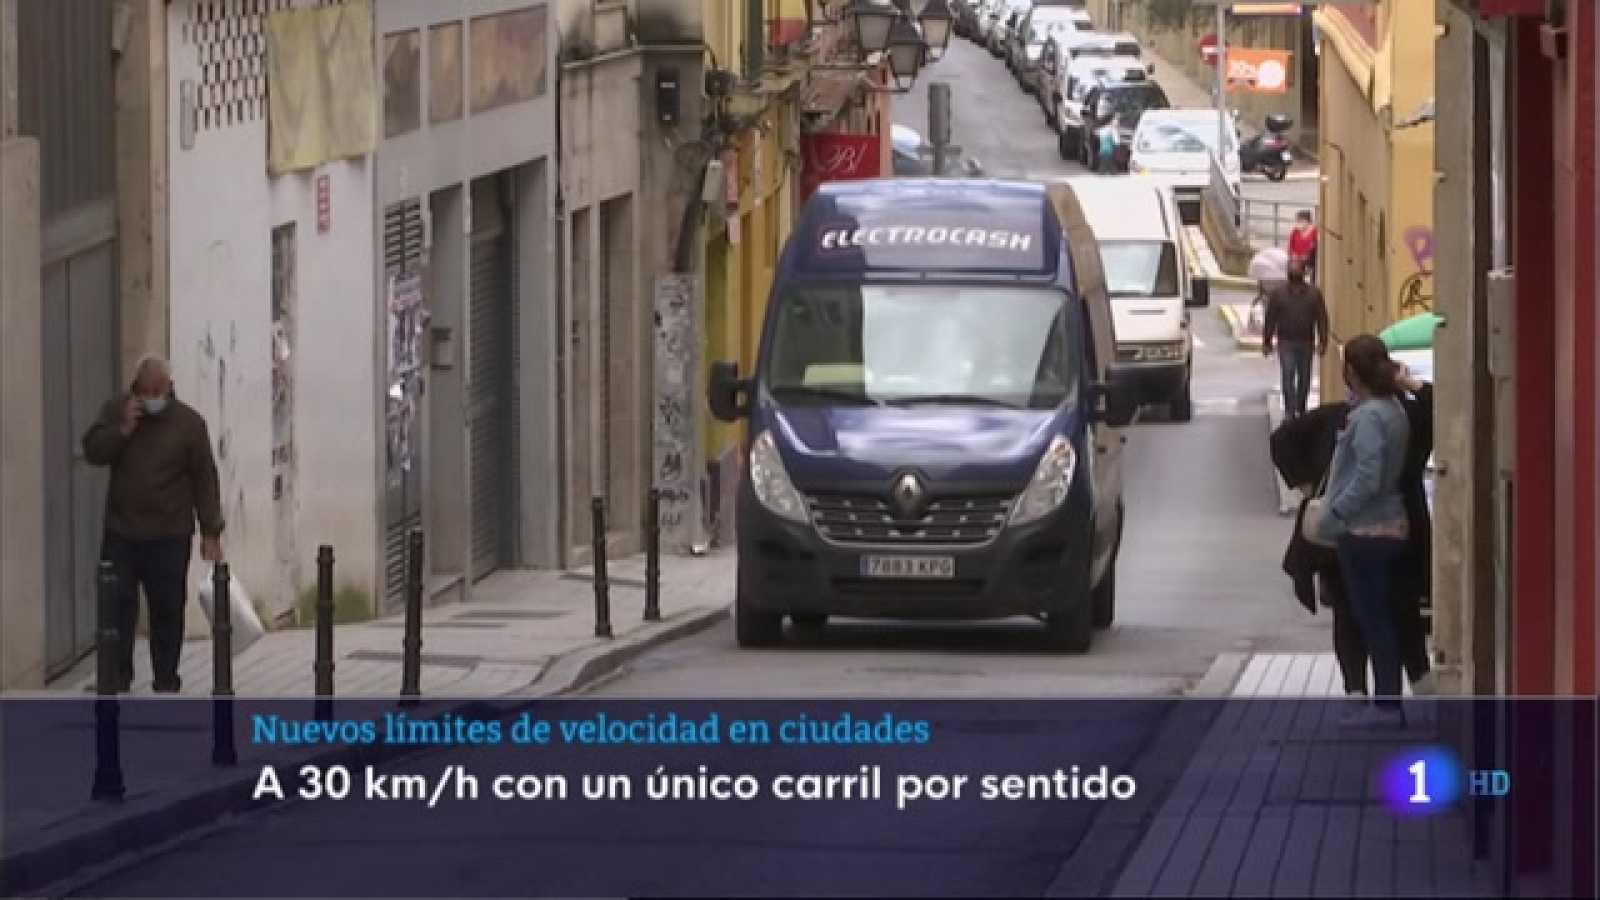 Nuevos límites de velocidad en ciudades - 11/05/2021